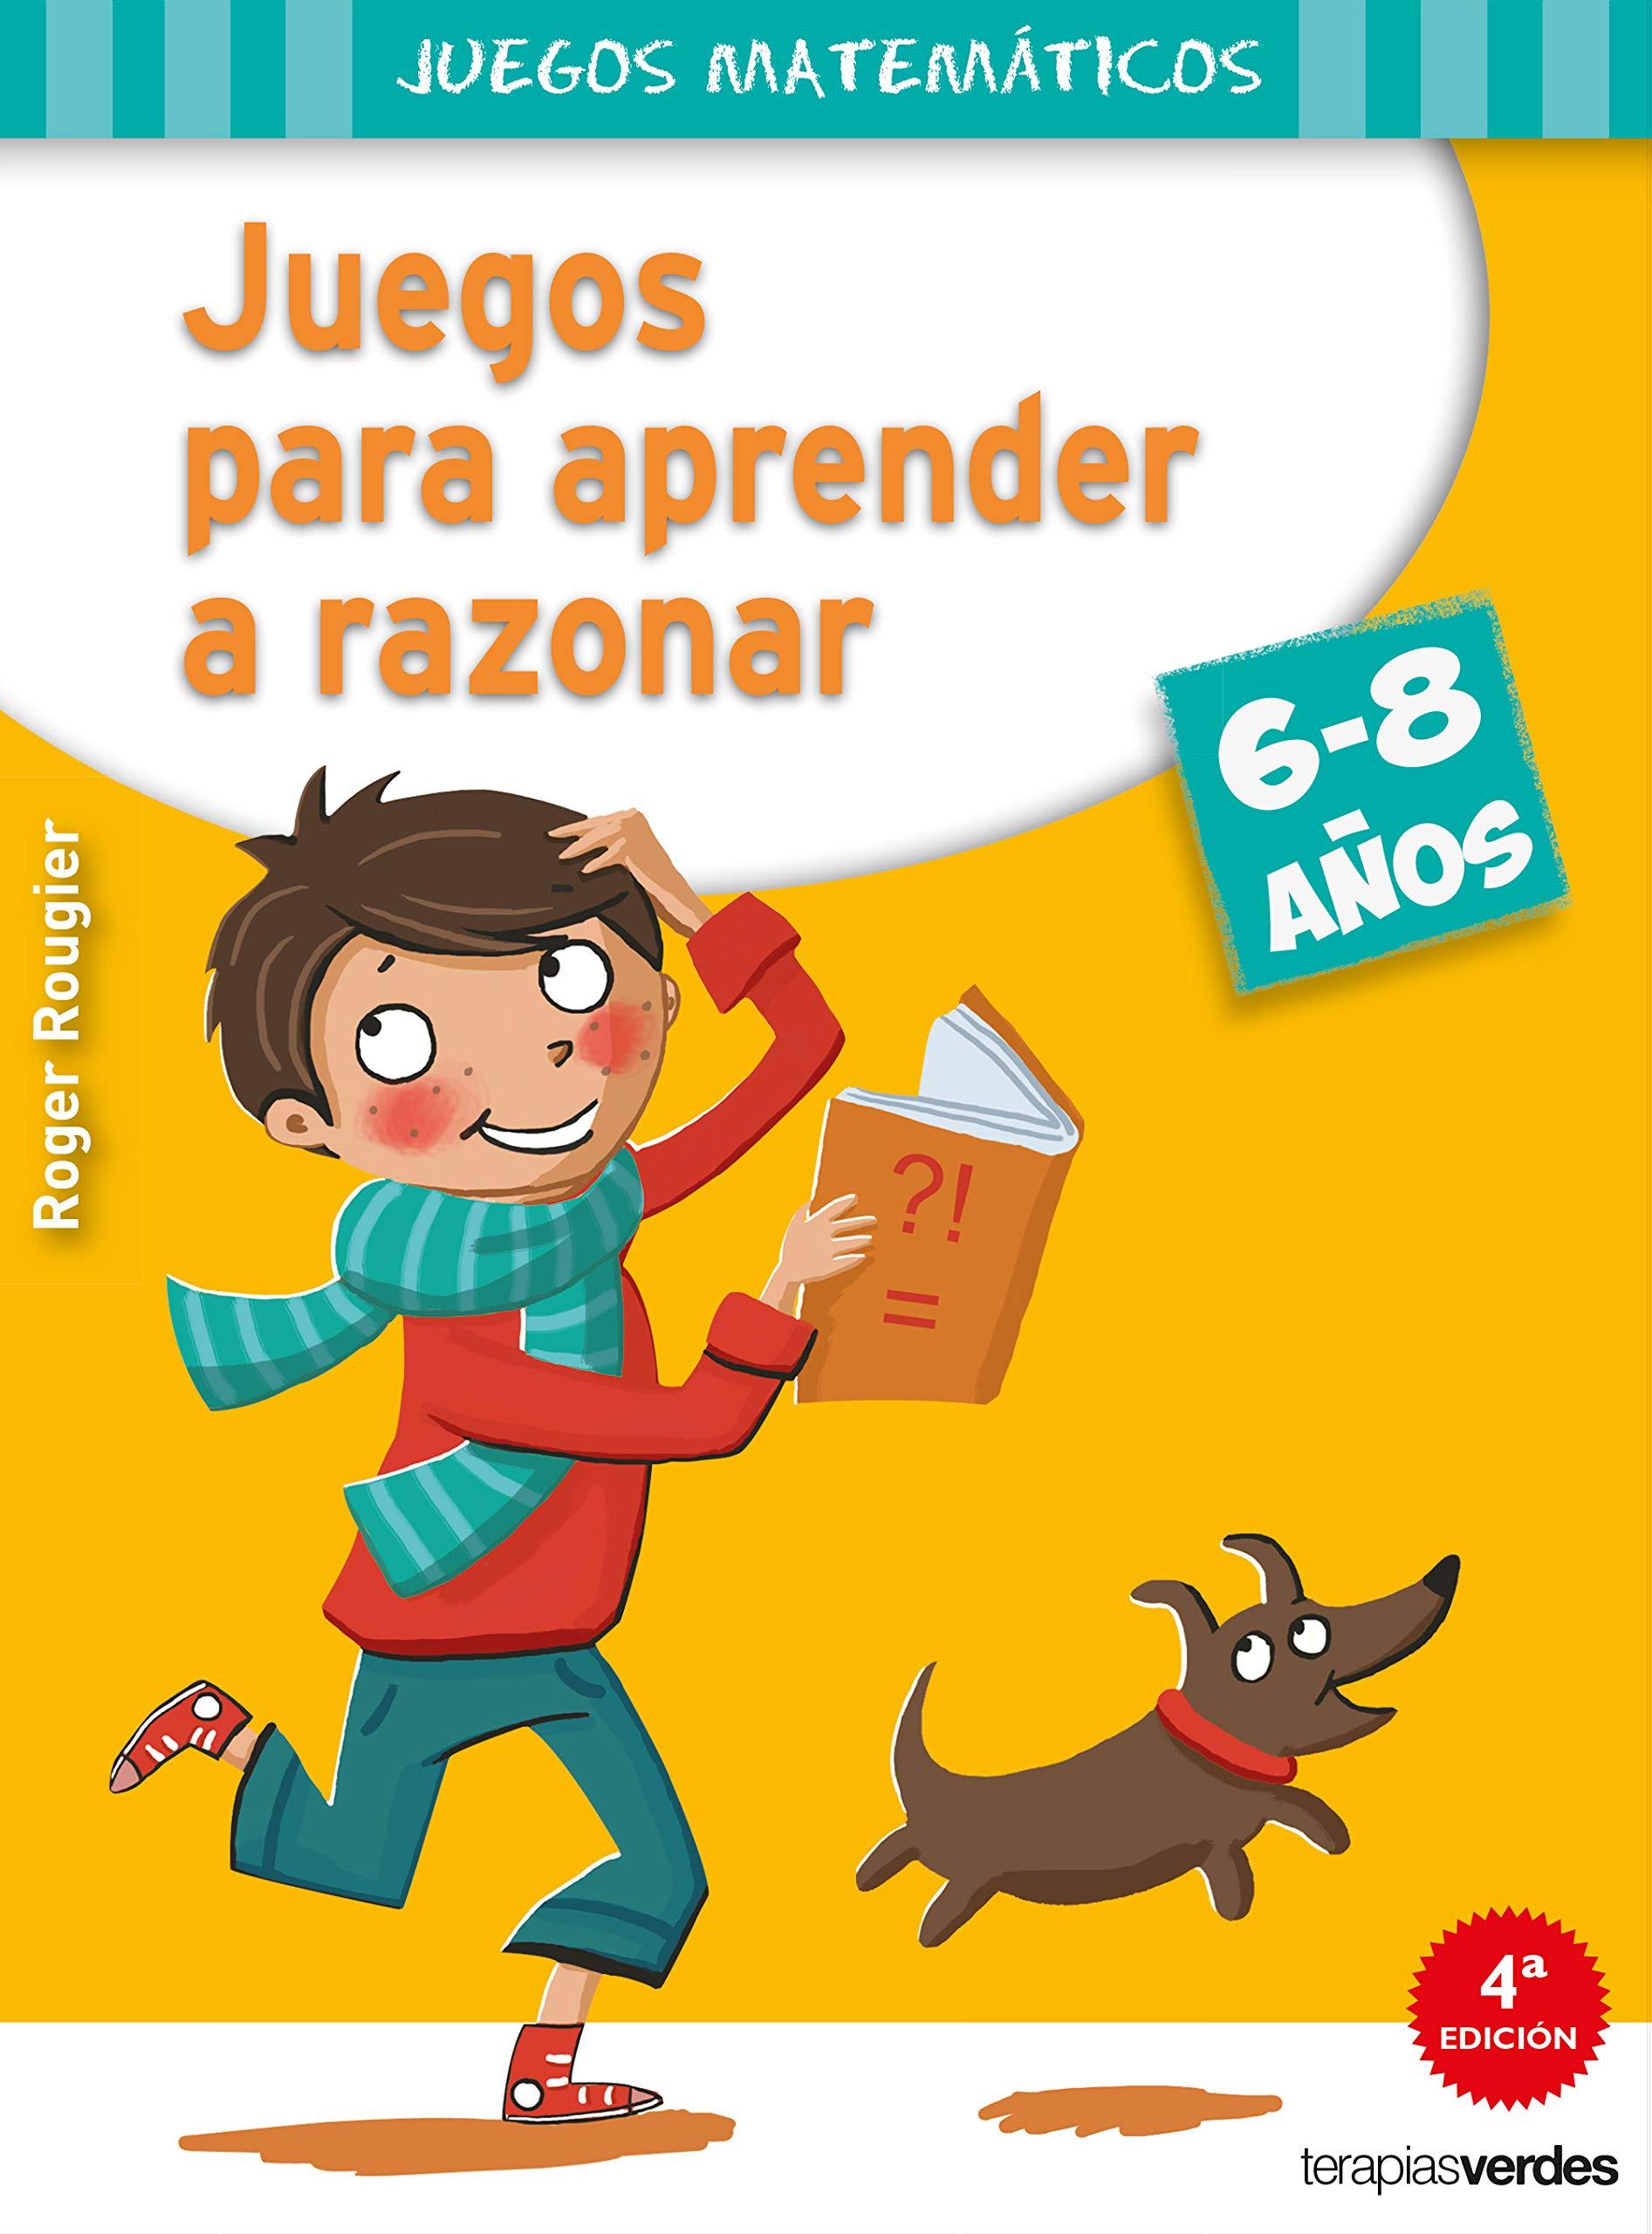 Juegos para aprender a razonar 6-8 años Terapias Juegos Didácticos:  Amazon.es: R. ROUGIER: Libros